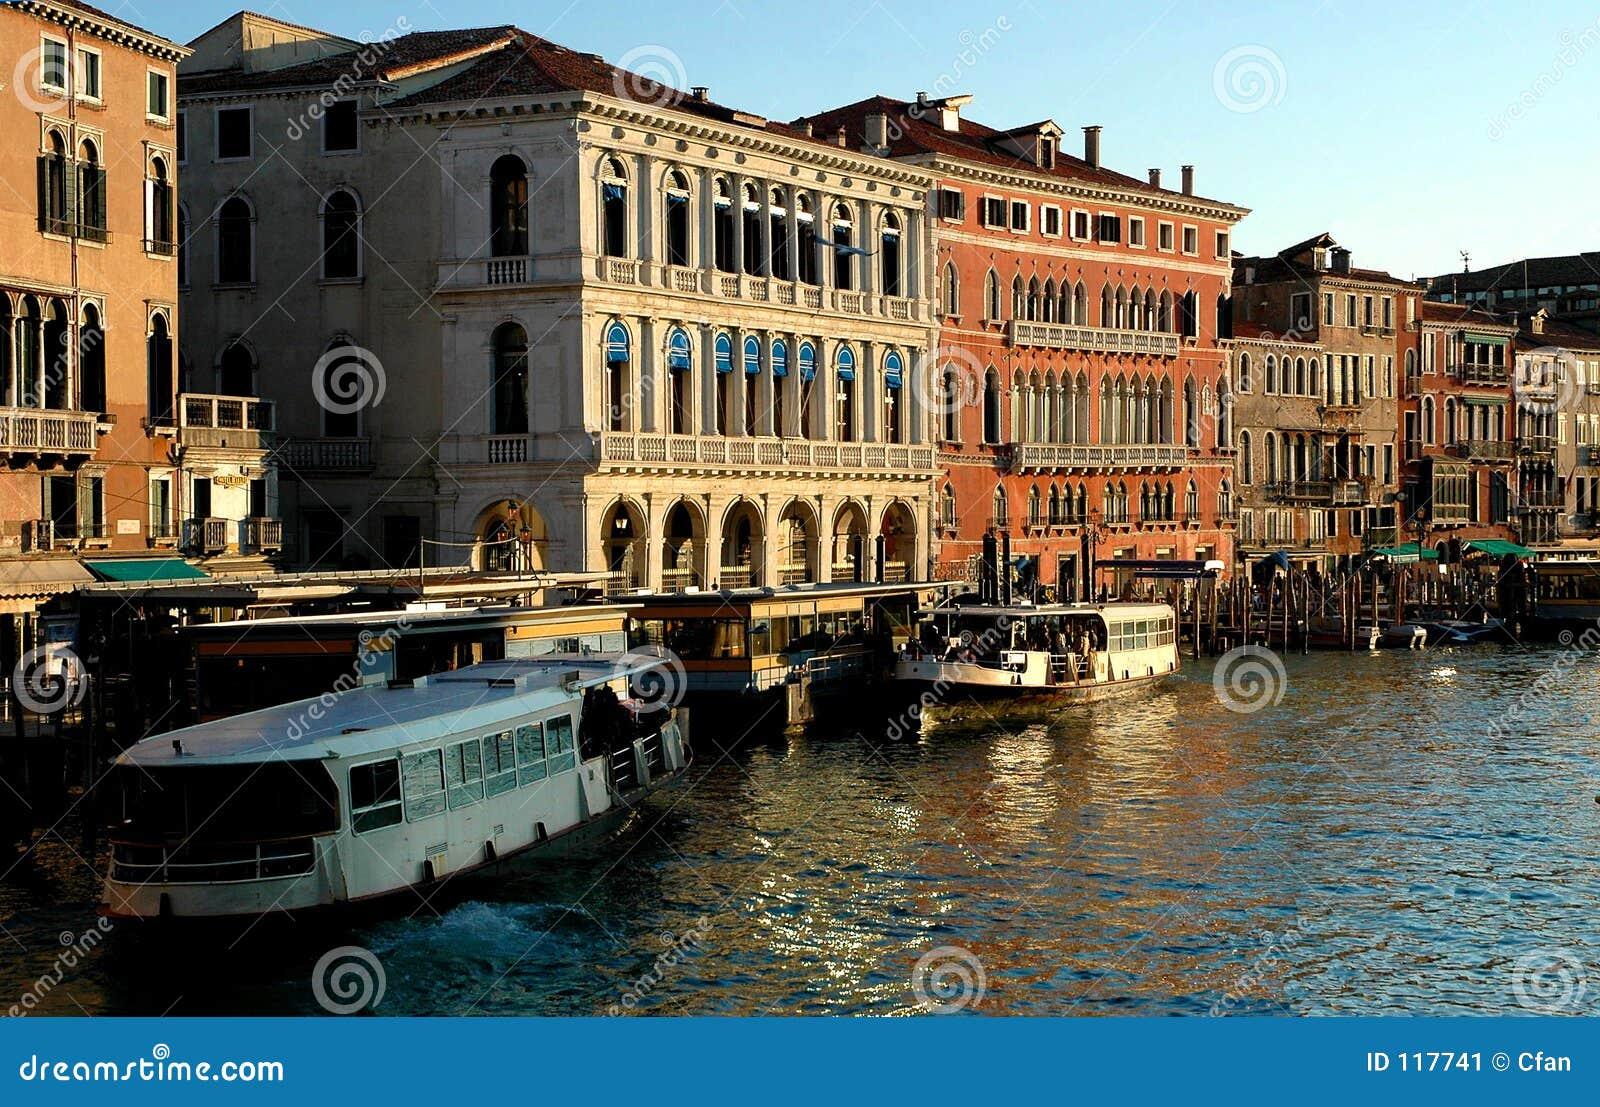 Along Rialto Bridge, Venice